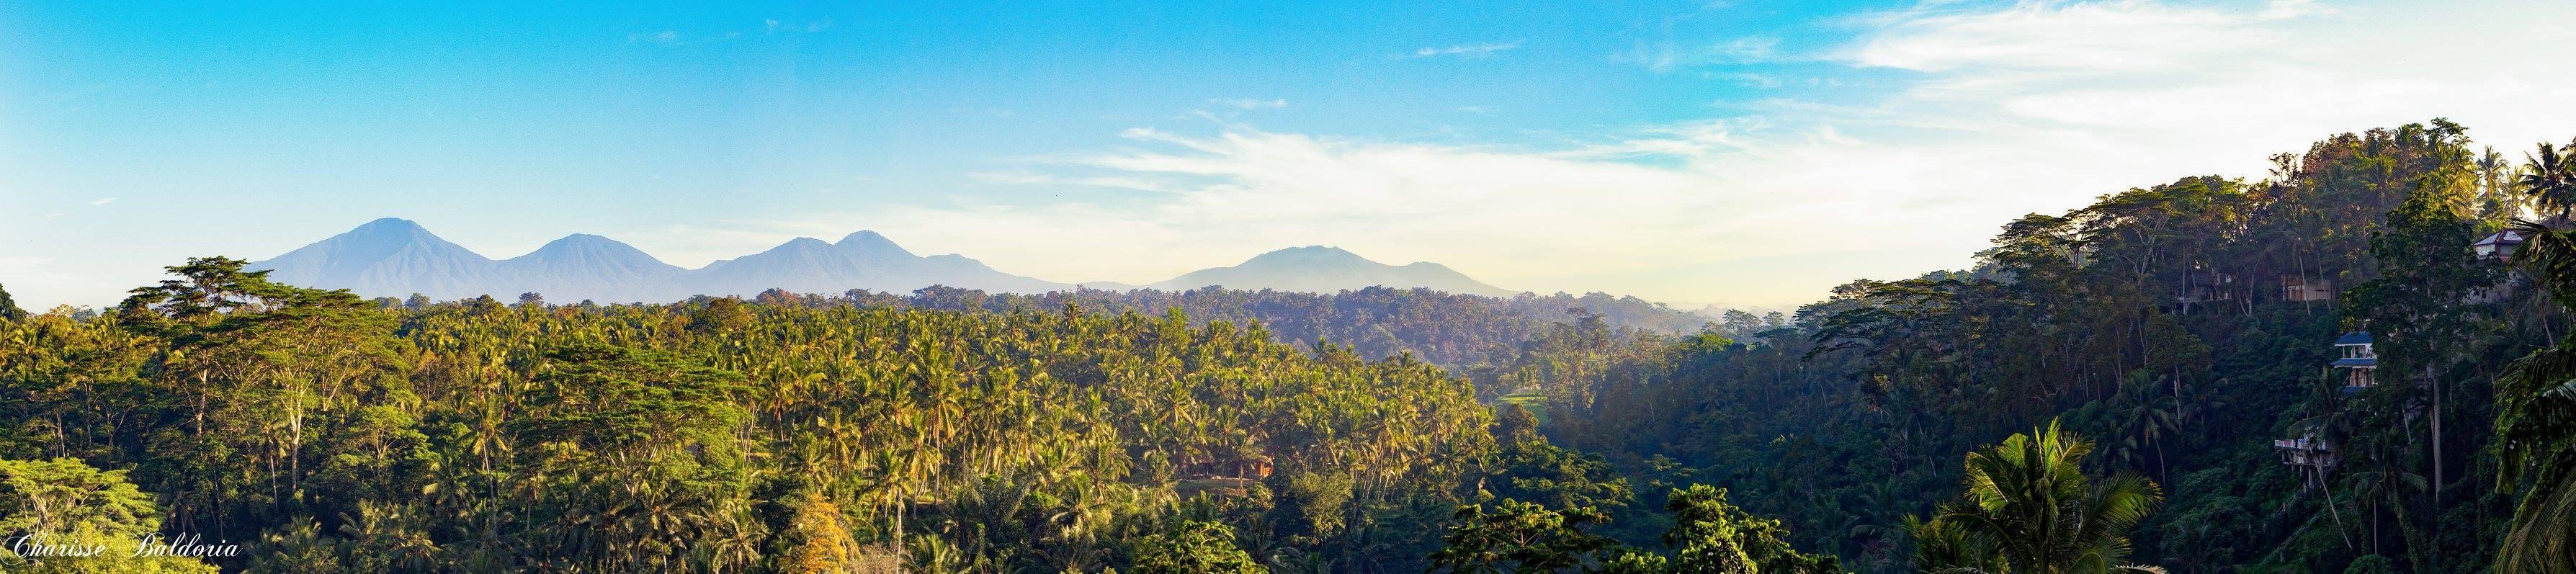 Sayan Ridge, Bali